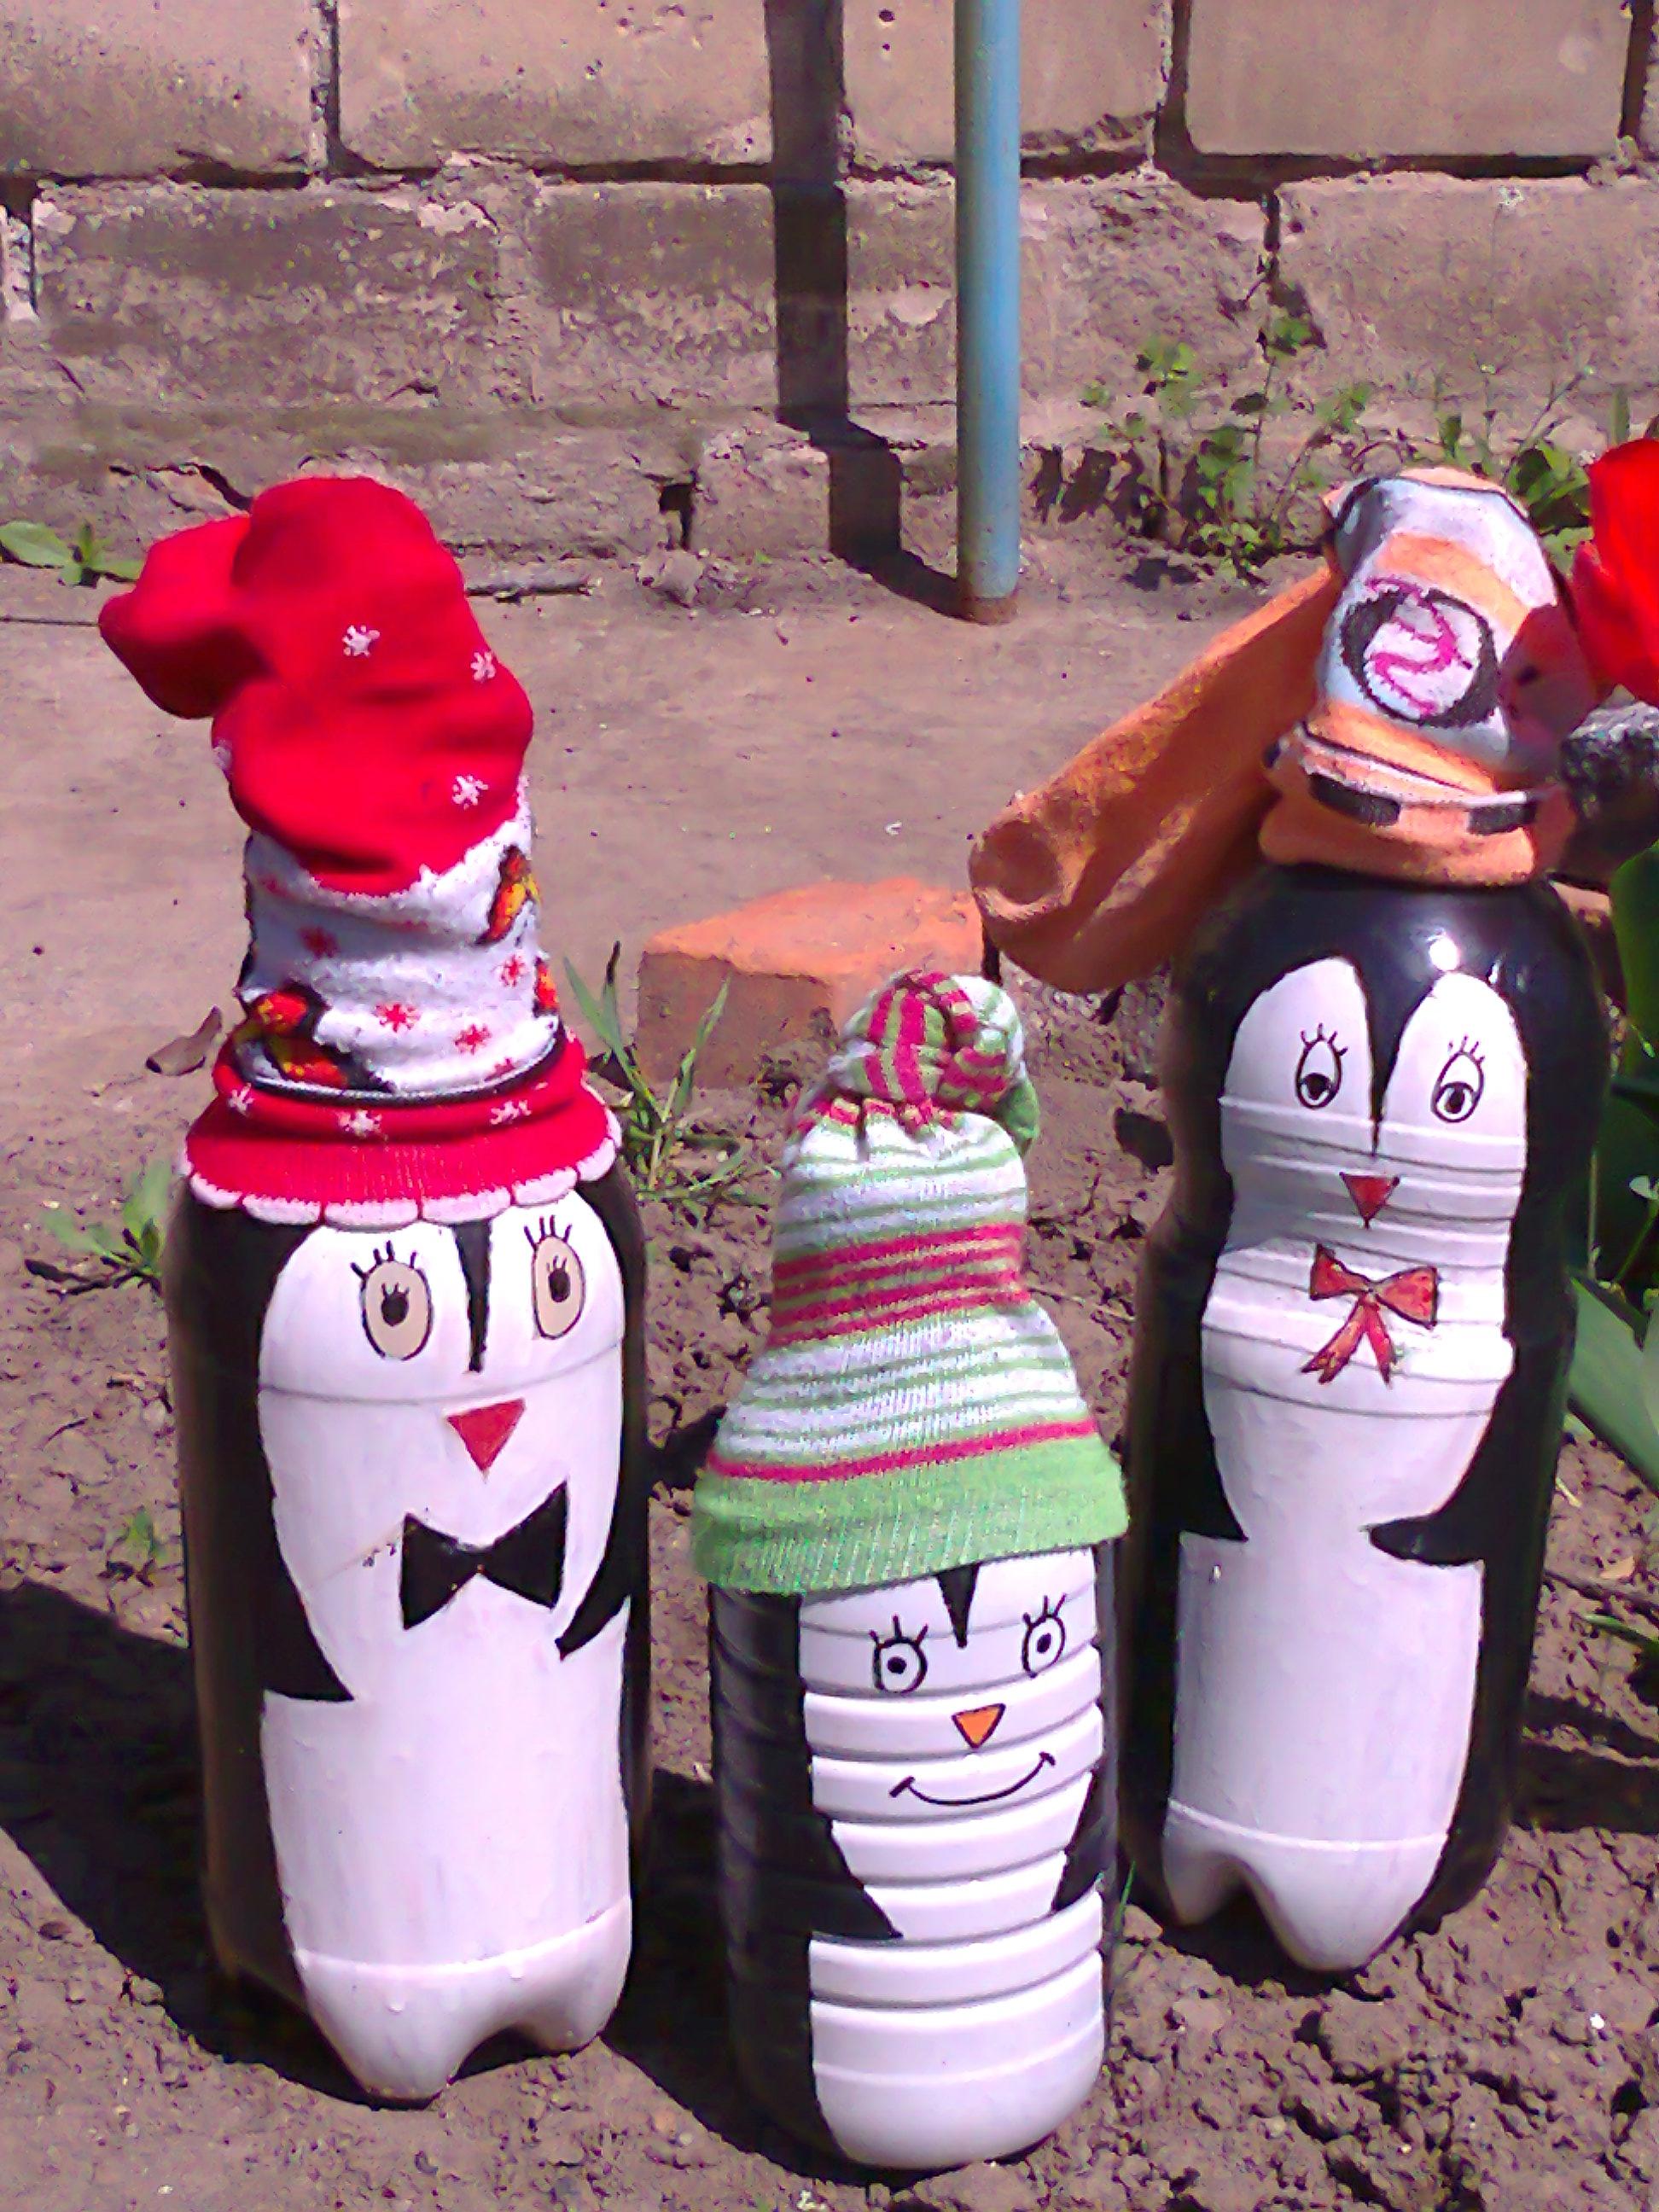 Поделки из пластиковых бутылок: мастер-класс для детского сада 12